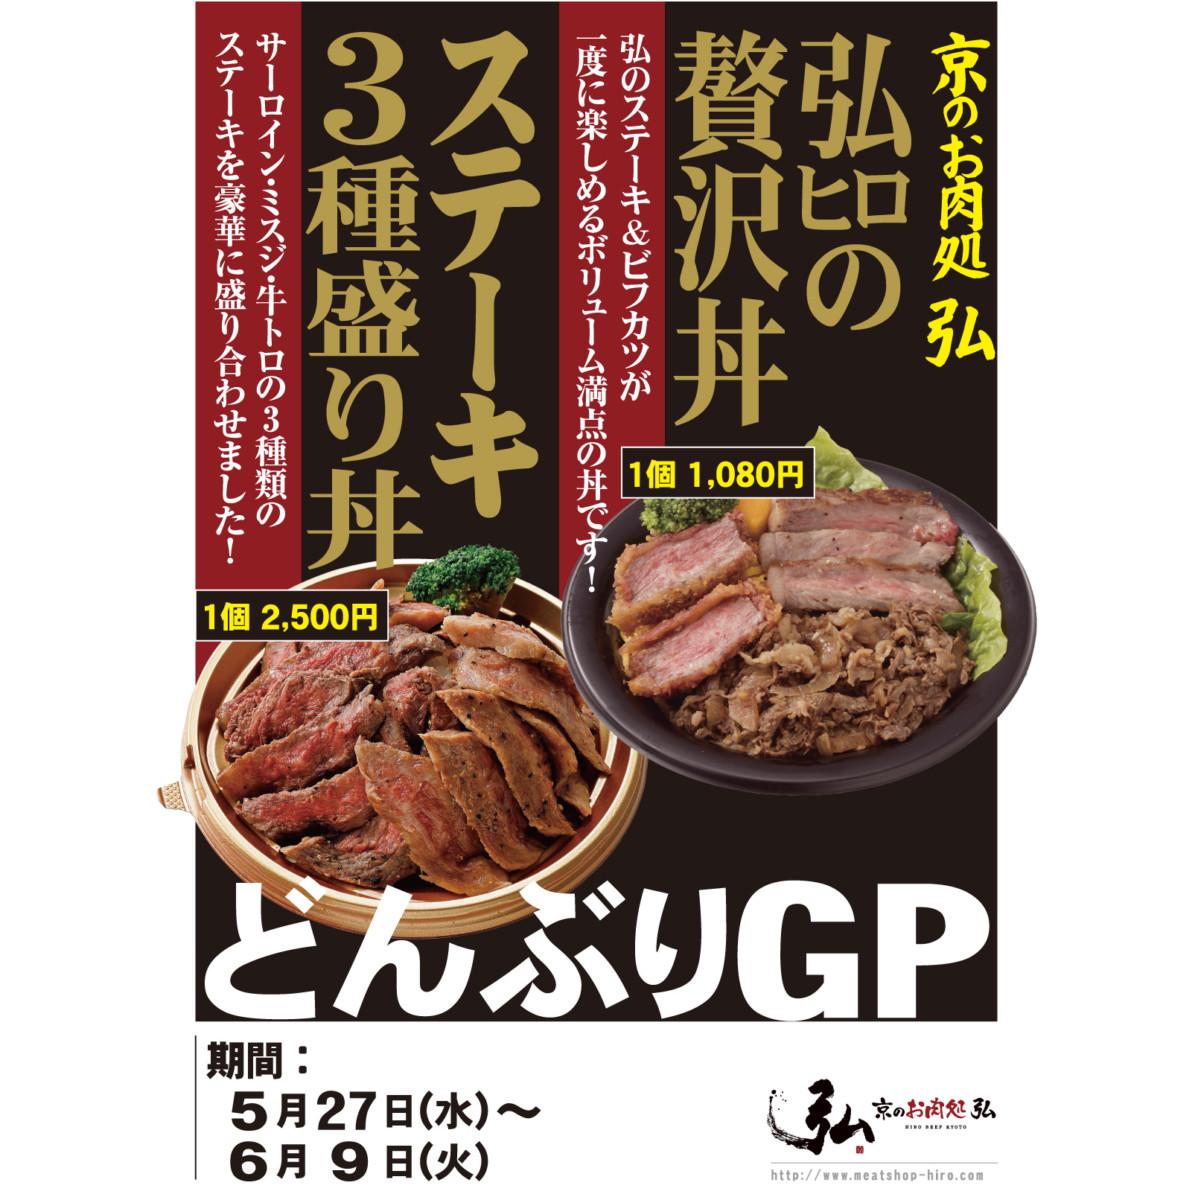 どんぶりGP-京のお肉処弘 大丸京都店